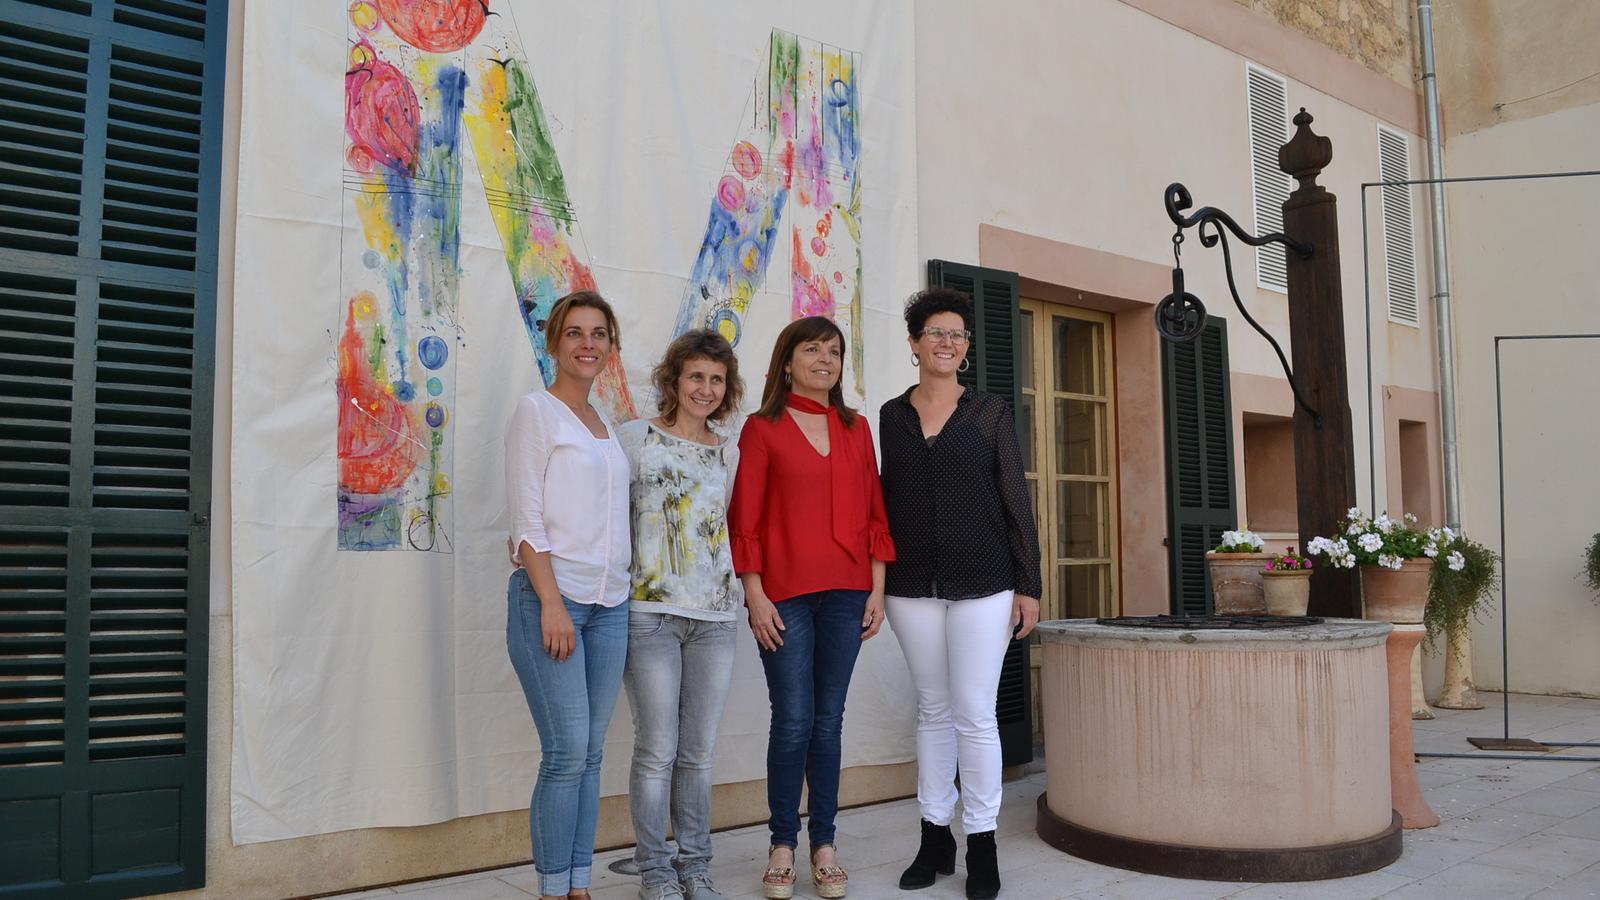 L'actriu Bàrbara Nicolau (esquerra) presentarà l'entrega del premis. Vora ella, Bàrbara Sagrera, gerent de la Institució Pública Mossèn Alcover, la batlessa, Catalina Riera, i a delegada de Cultura, Antònia Llodrà.